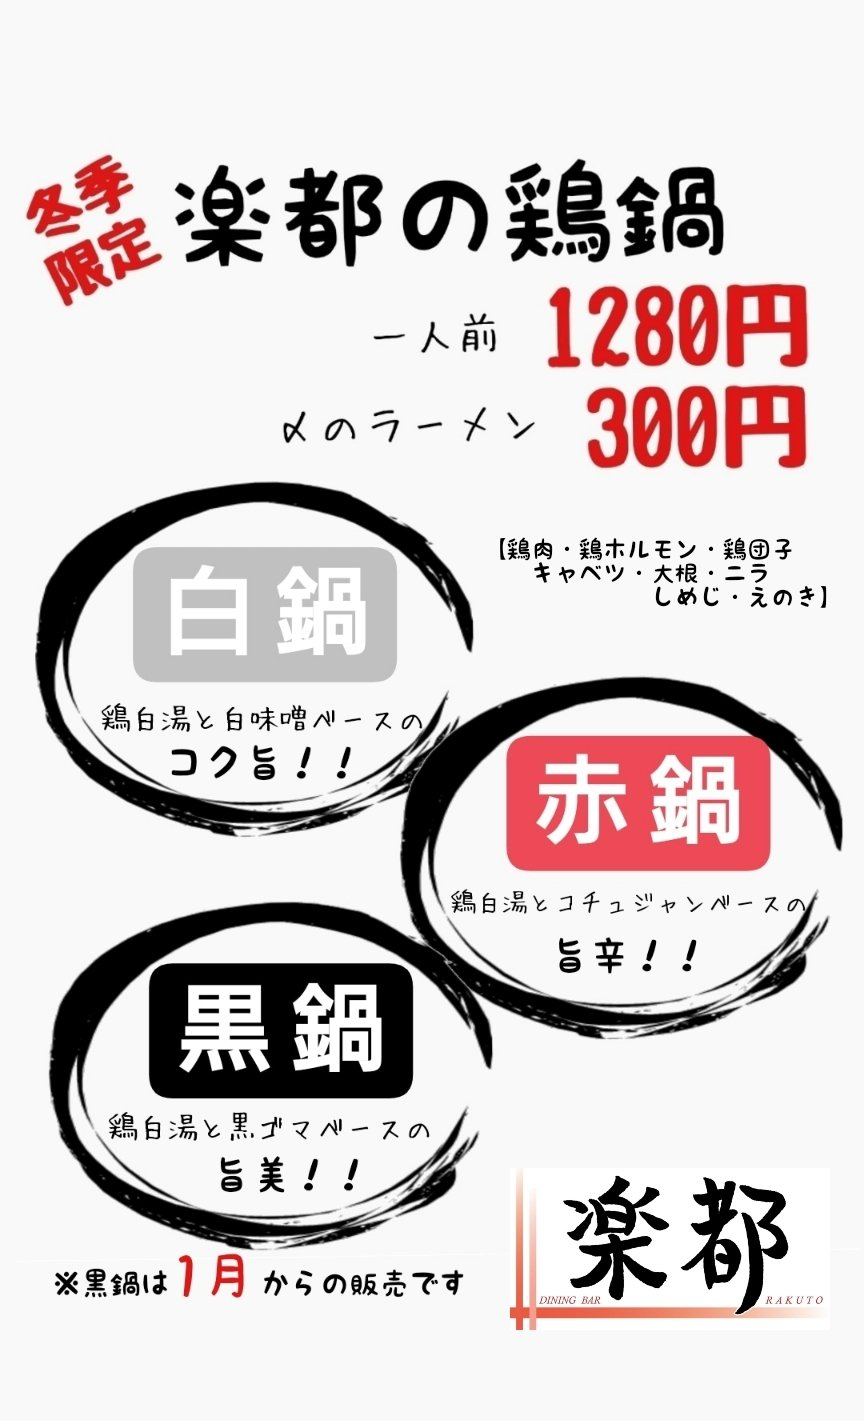 【冬季限定 楽都の鶏鍋】スタート【ダイニングバー楽都】